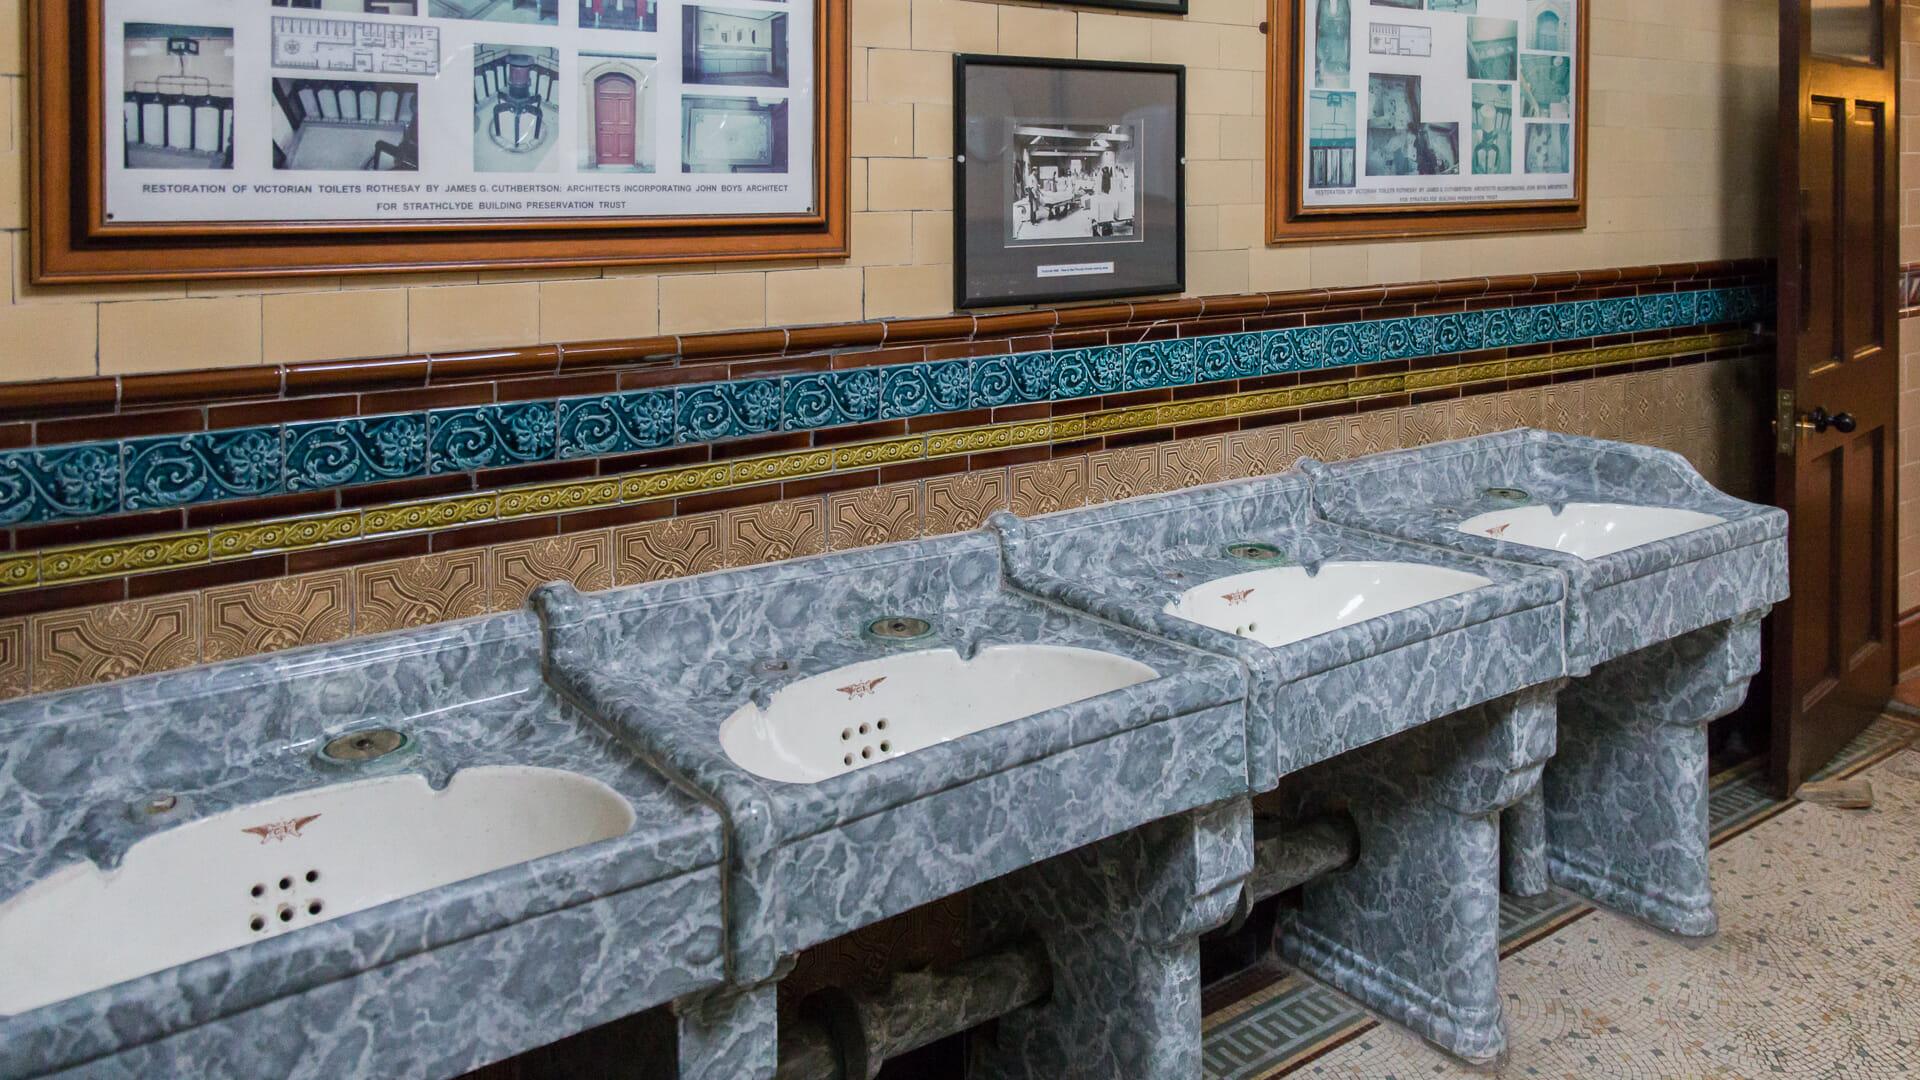 Handwaschbecken in der Männertoilette